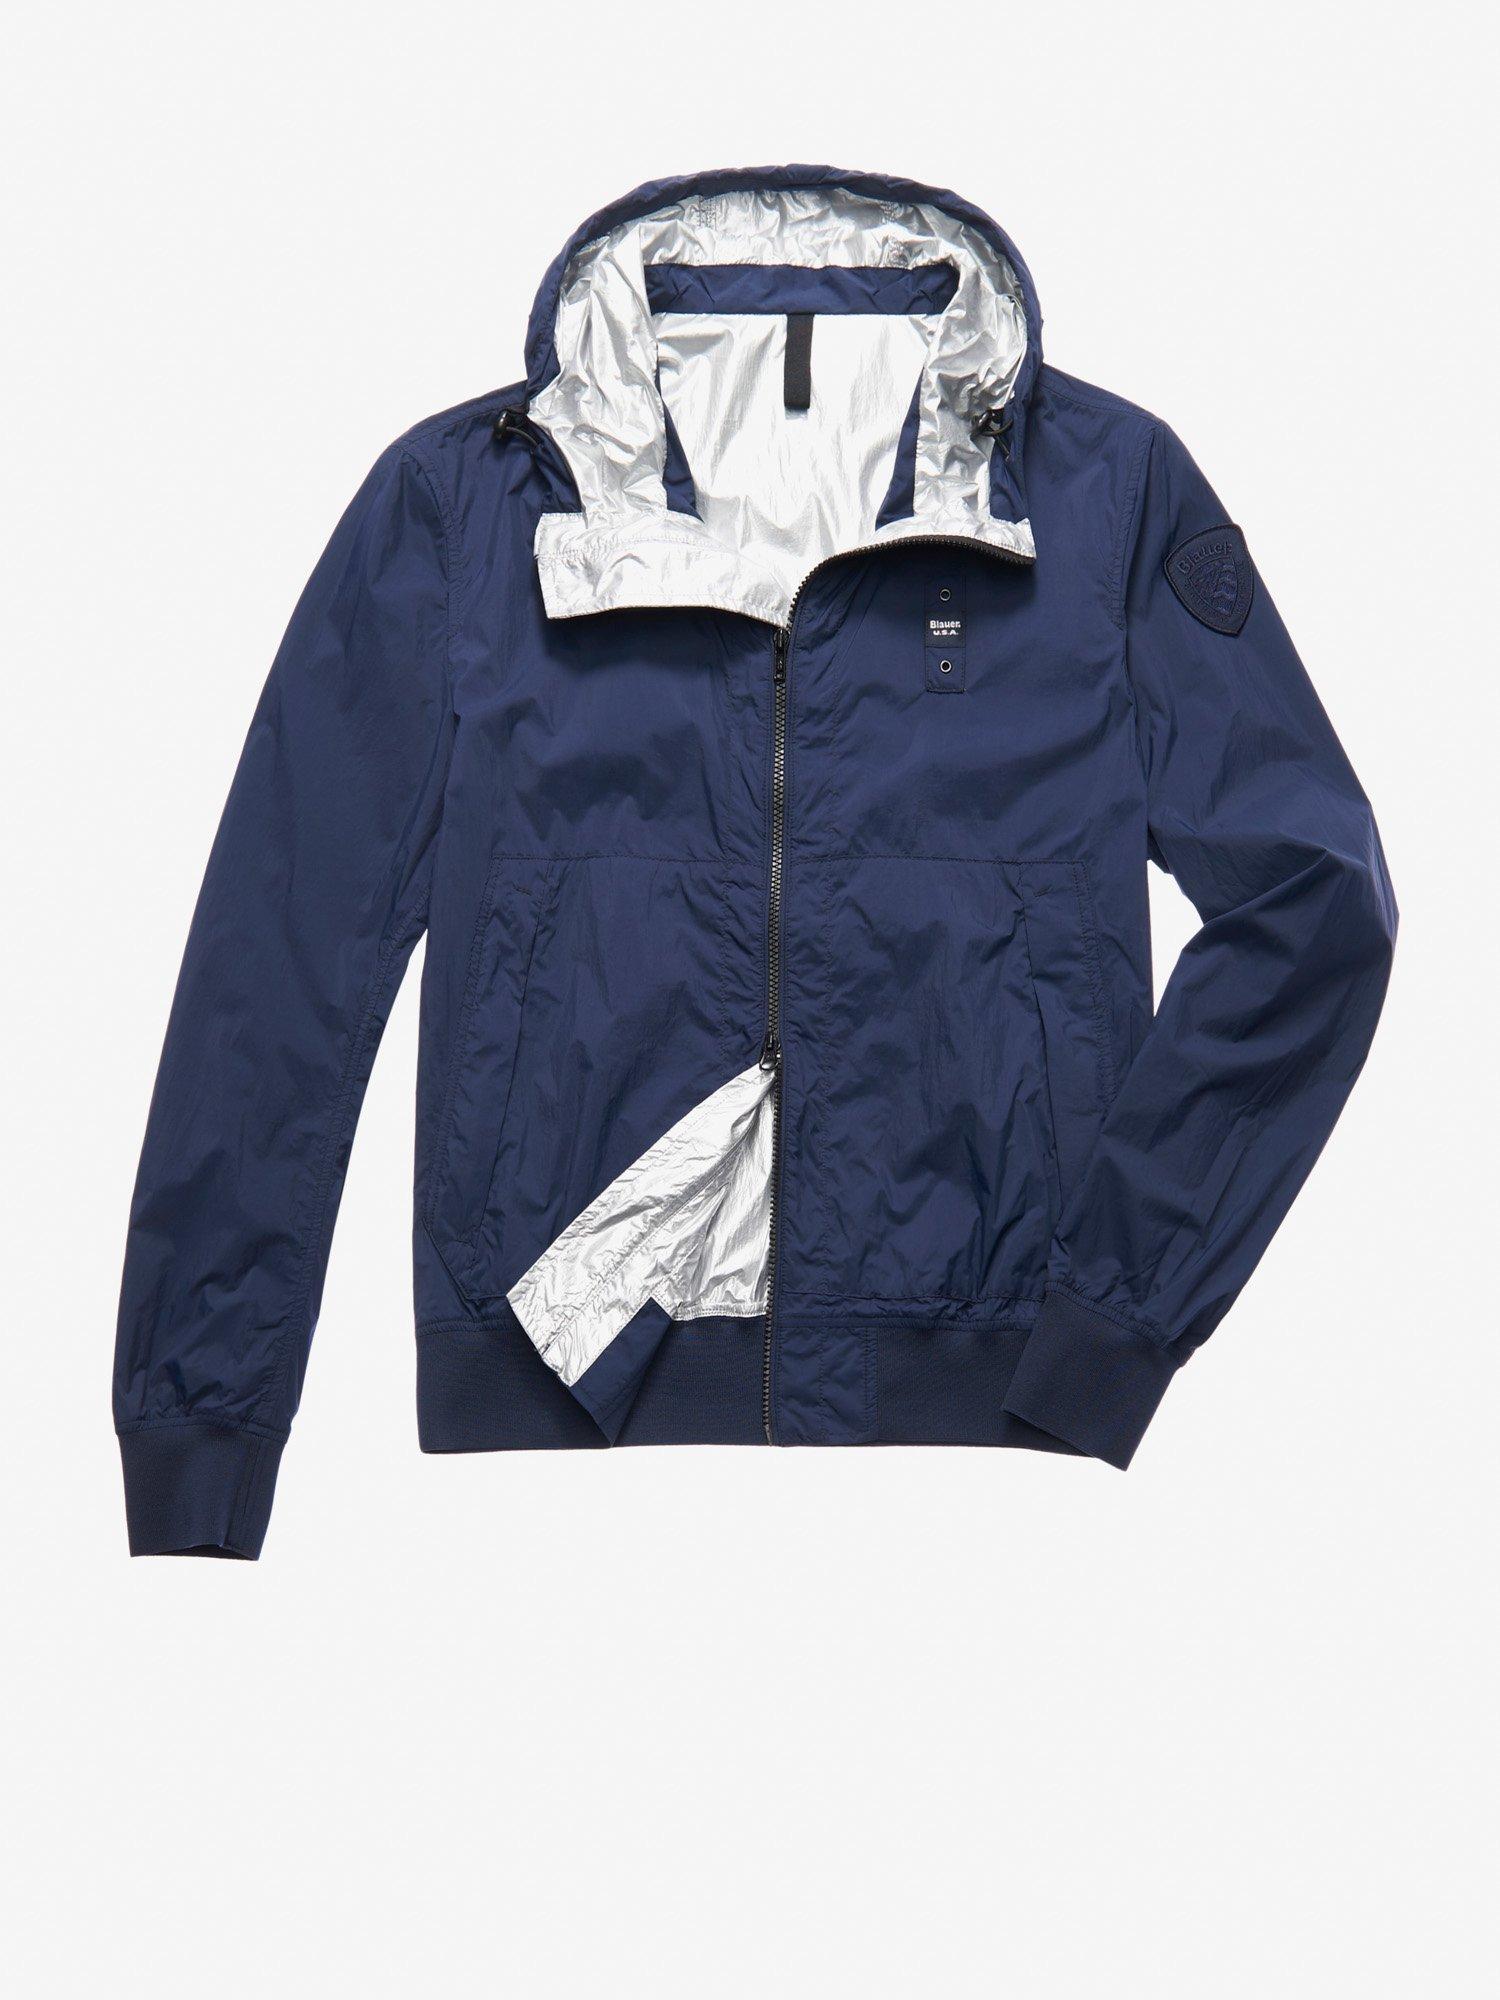 purchase cheap 25761 022a2 Giubbotto blauer cappuccio – Abbigliamento Chiarina